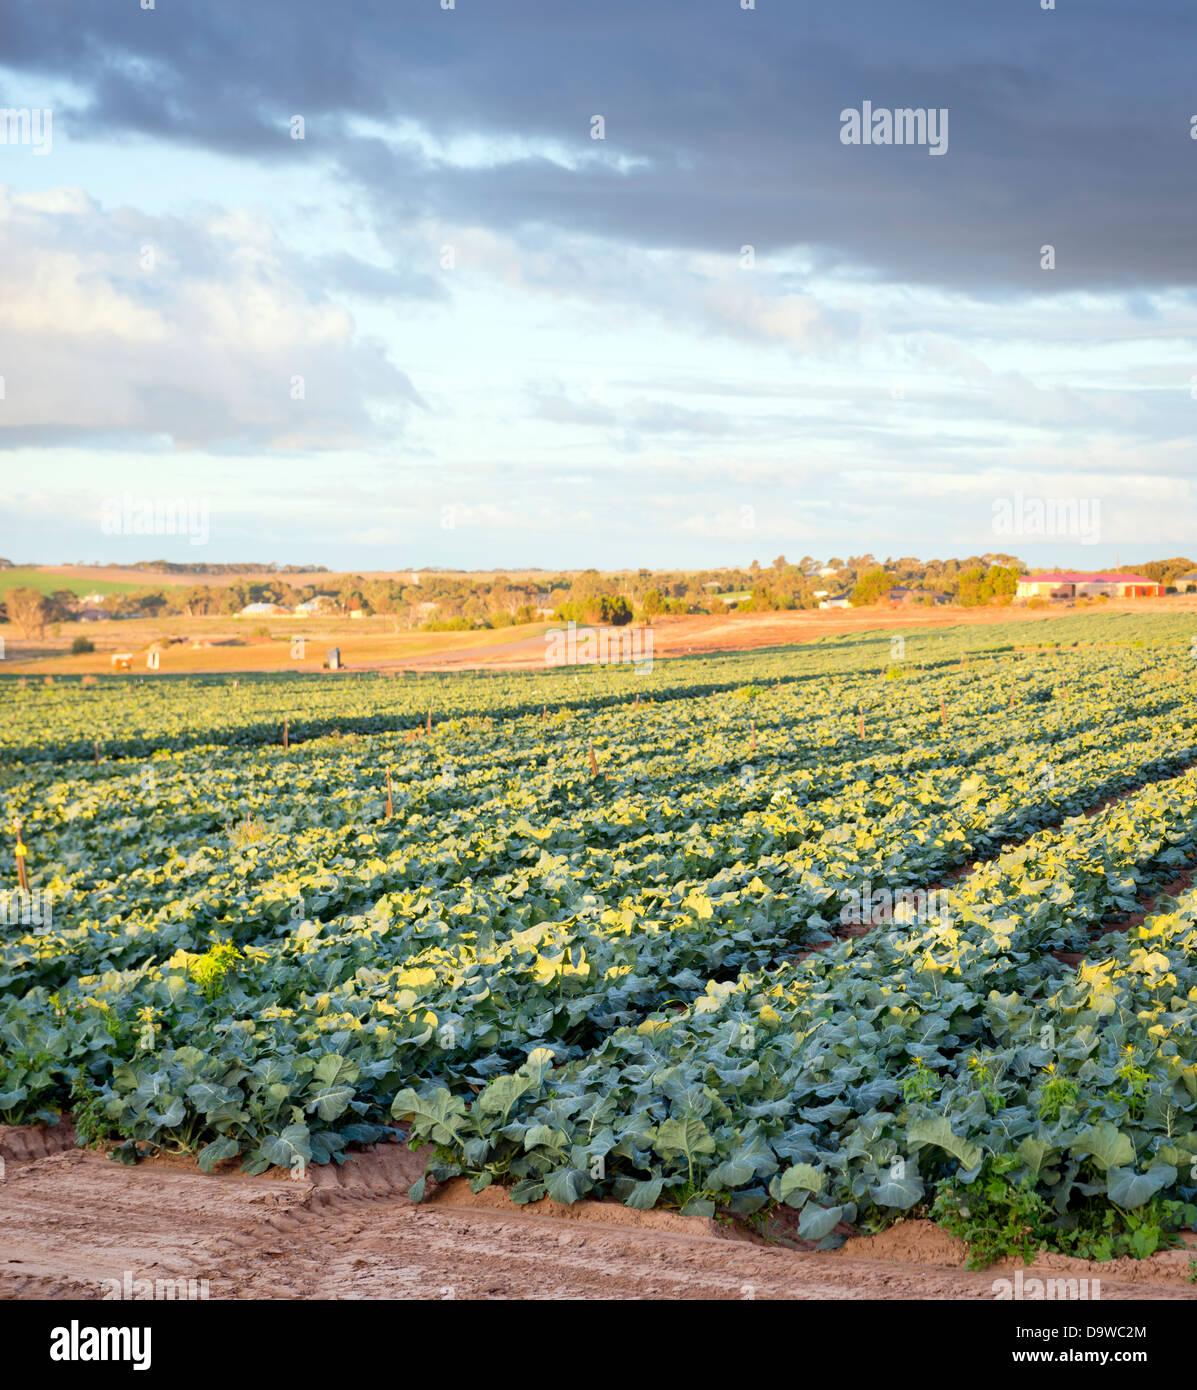 Fresh green lettuce growing in rows in a lettuce farm - Stock Image